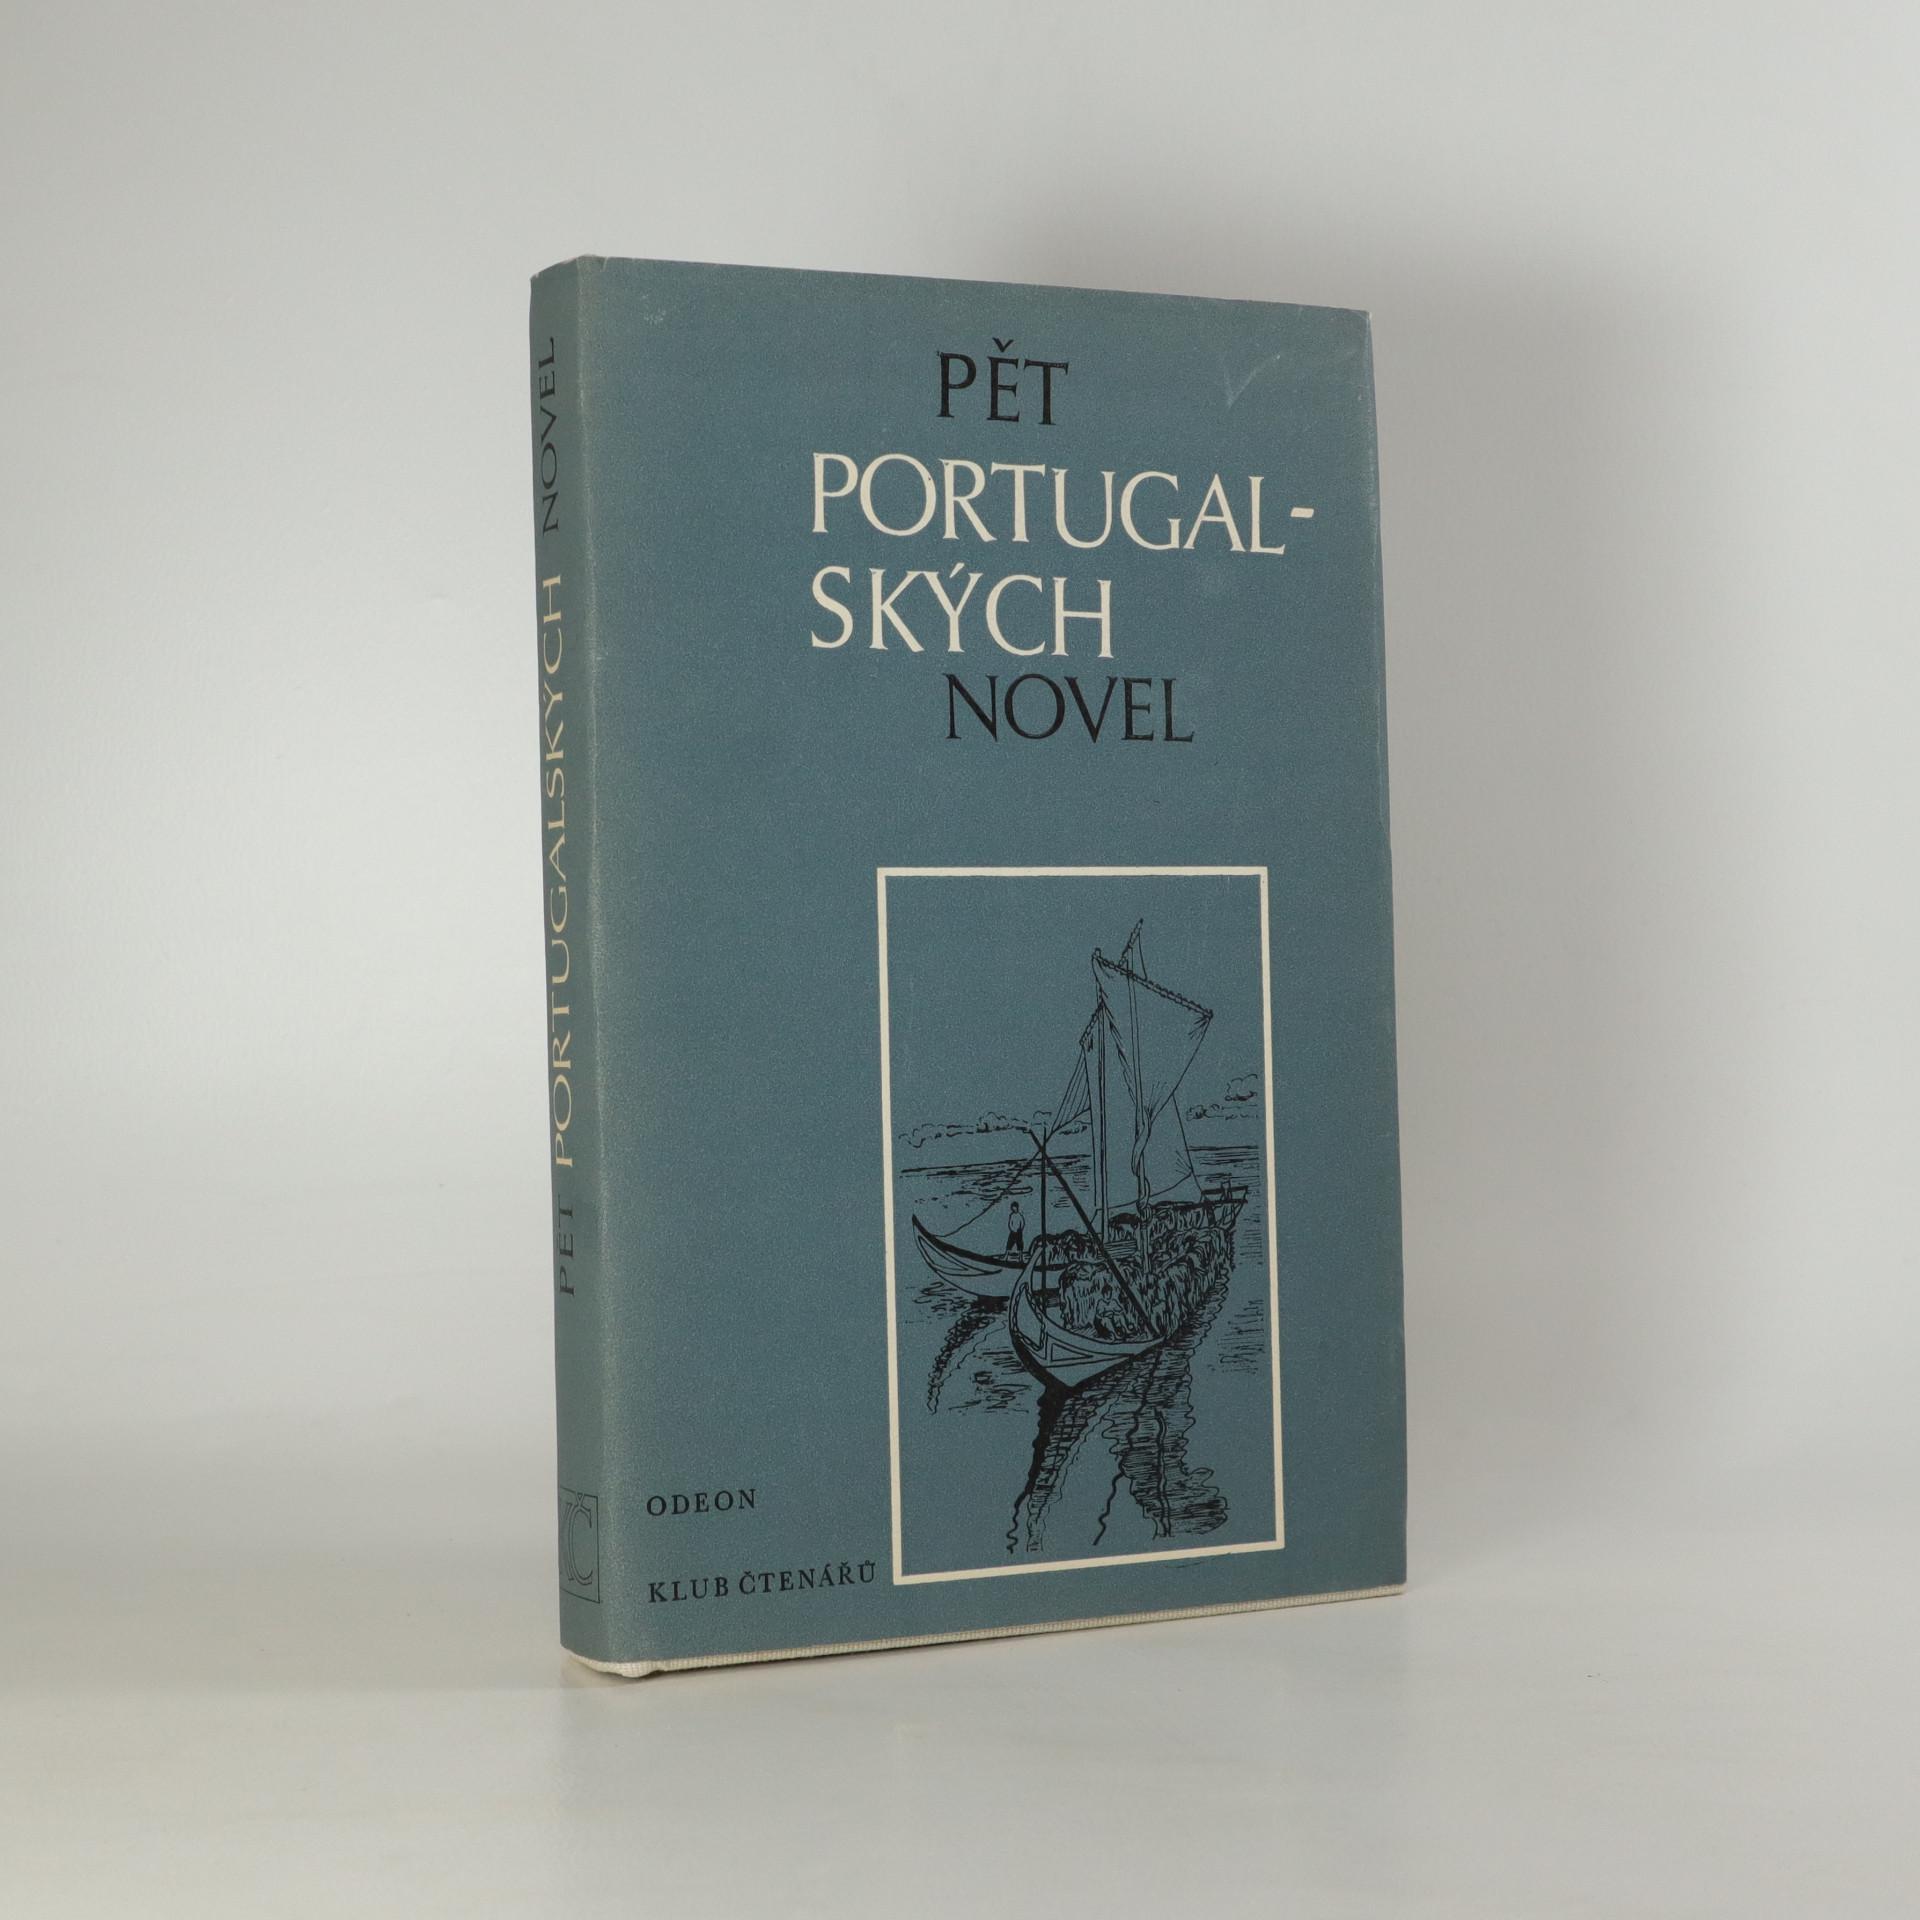 antikvární kniha Pět portugalských novel, 1987